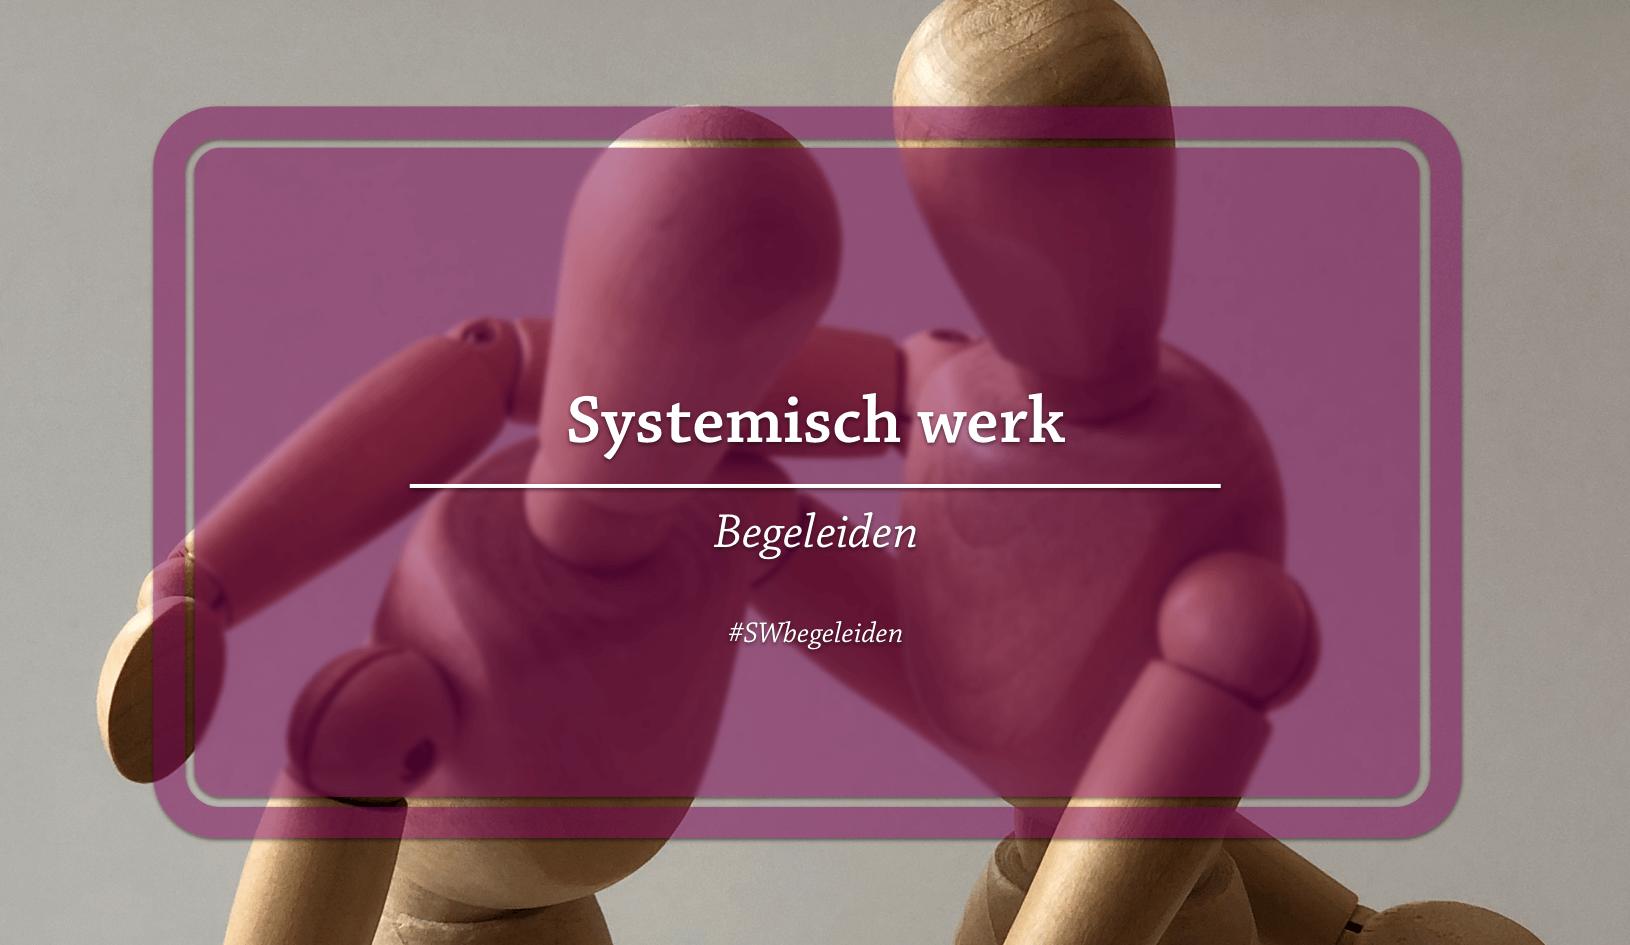 Systemisch werk begeleiden - eerste verdieping - desktop - persoonlijke groei